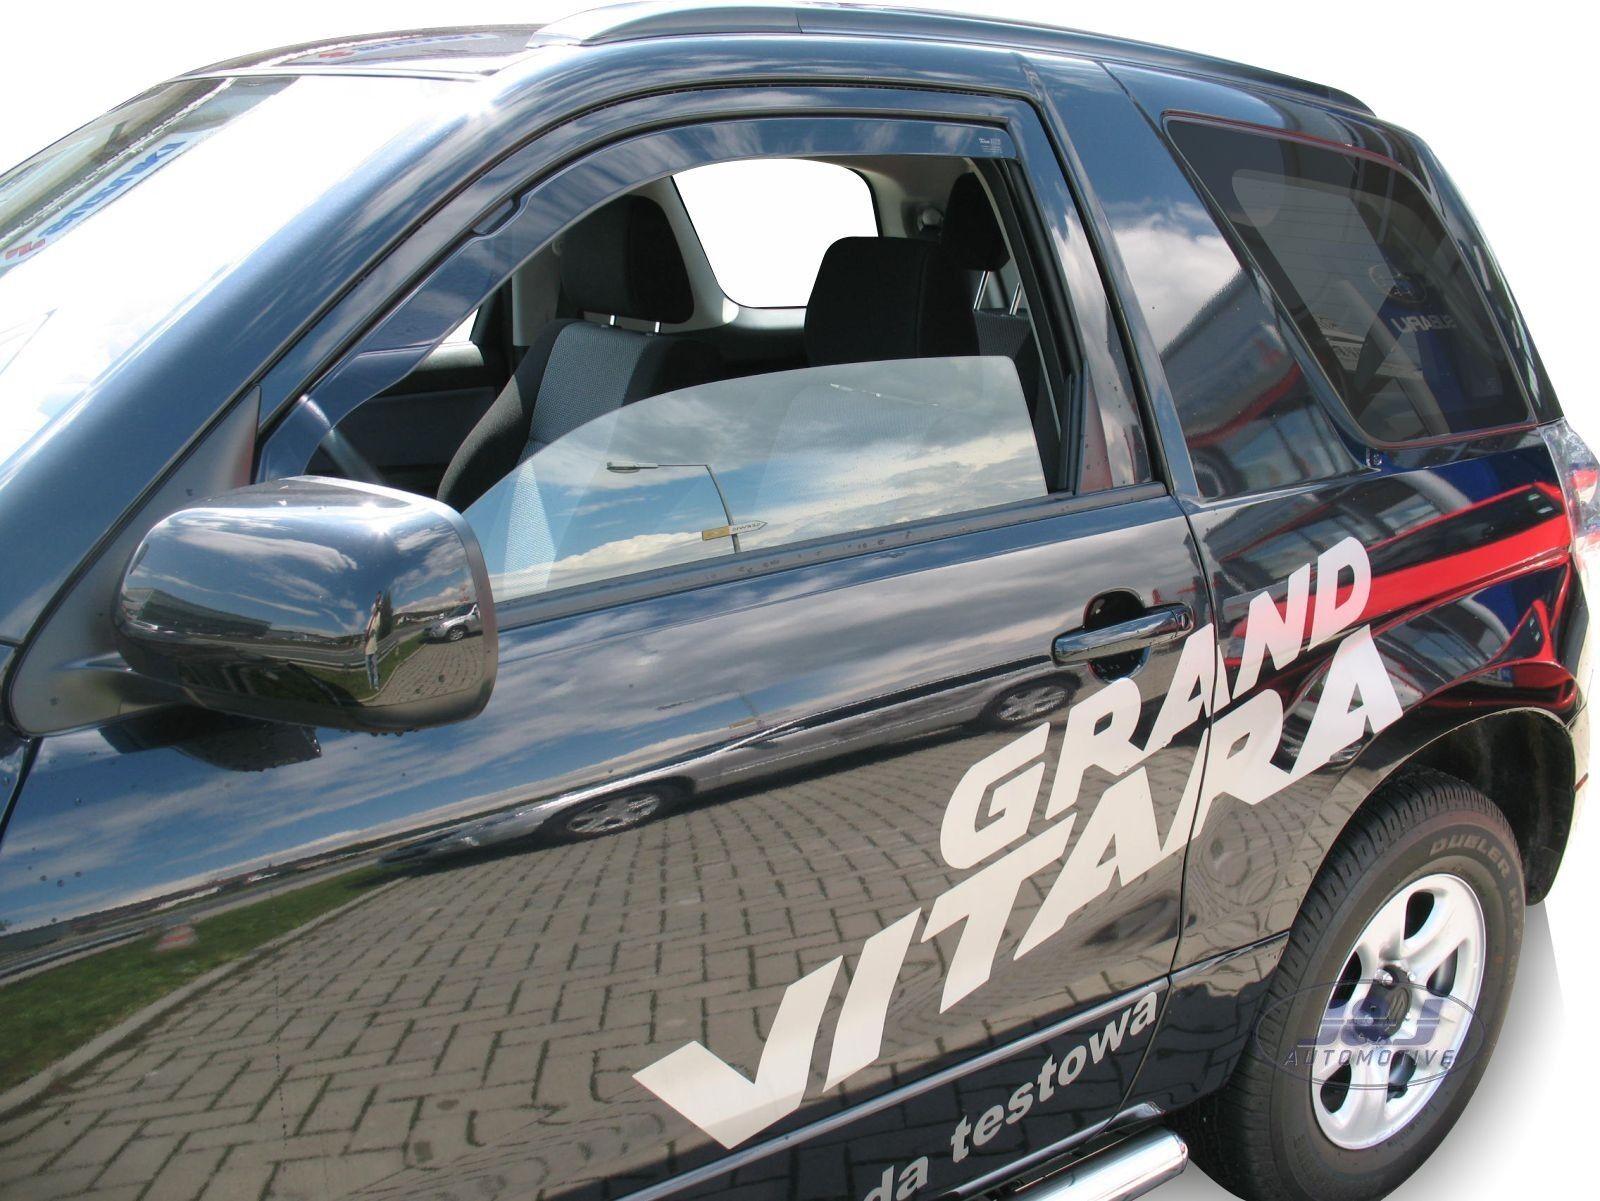 Generico Set DEFLETTORI Antivento Auto Compatibile con Suzuki Grand Vitara 5P 2006  PARAVENTO Anti Vento Acqua Turbo Fume G3